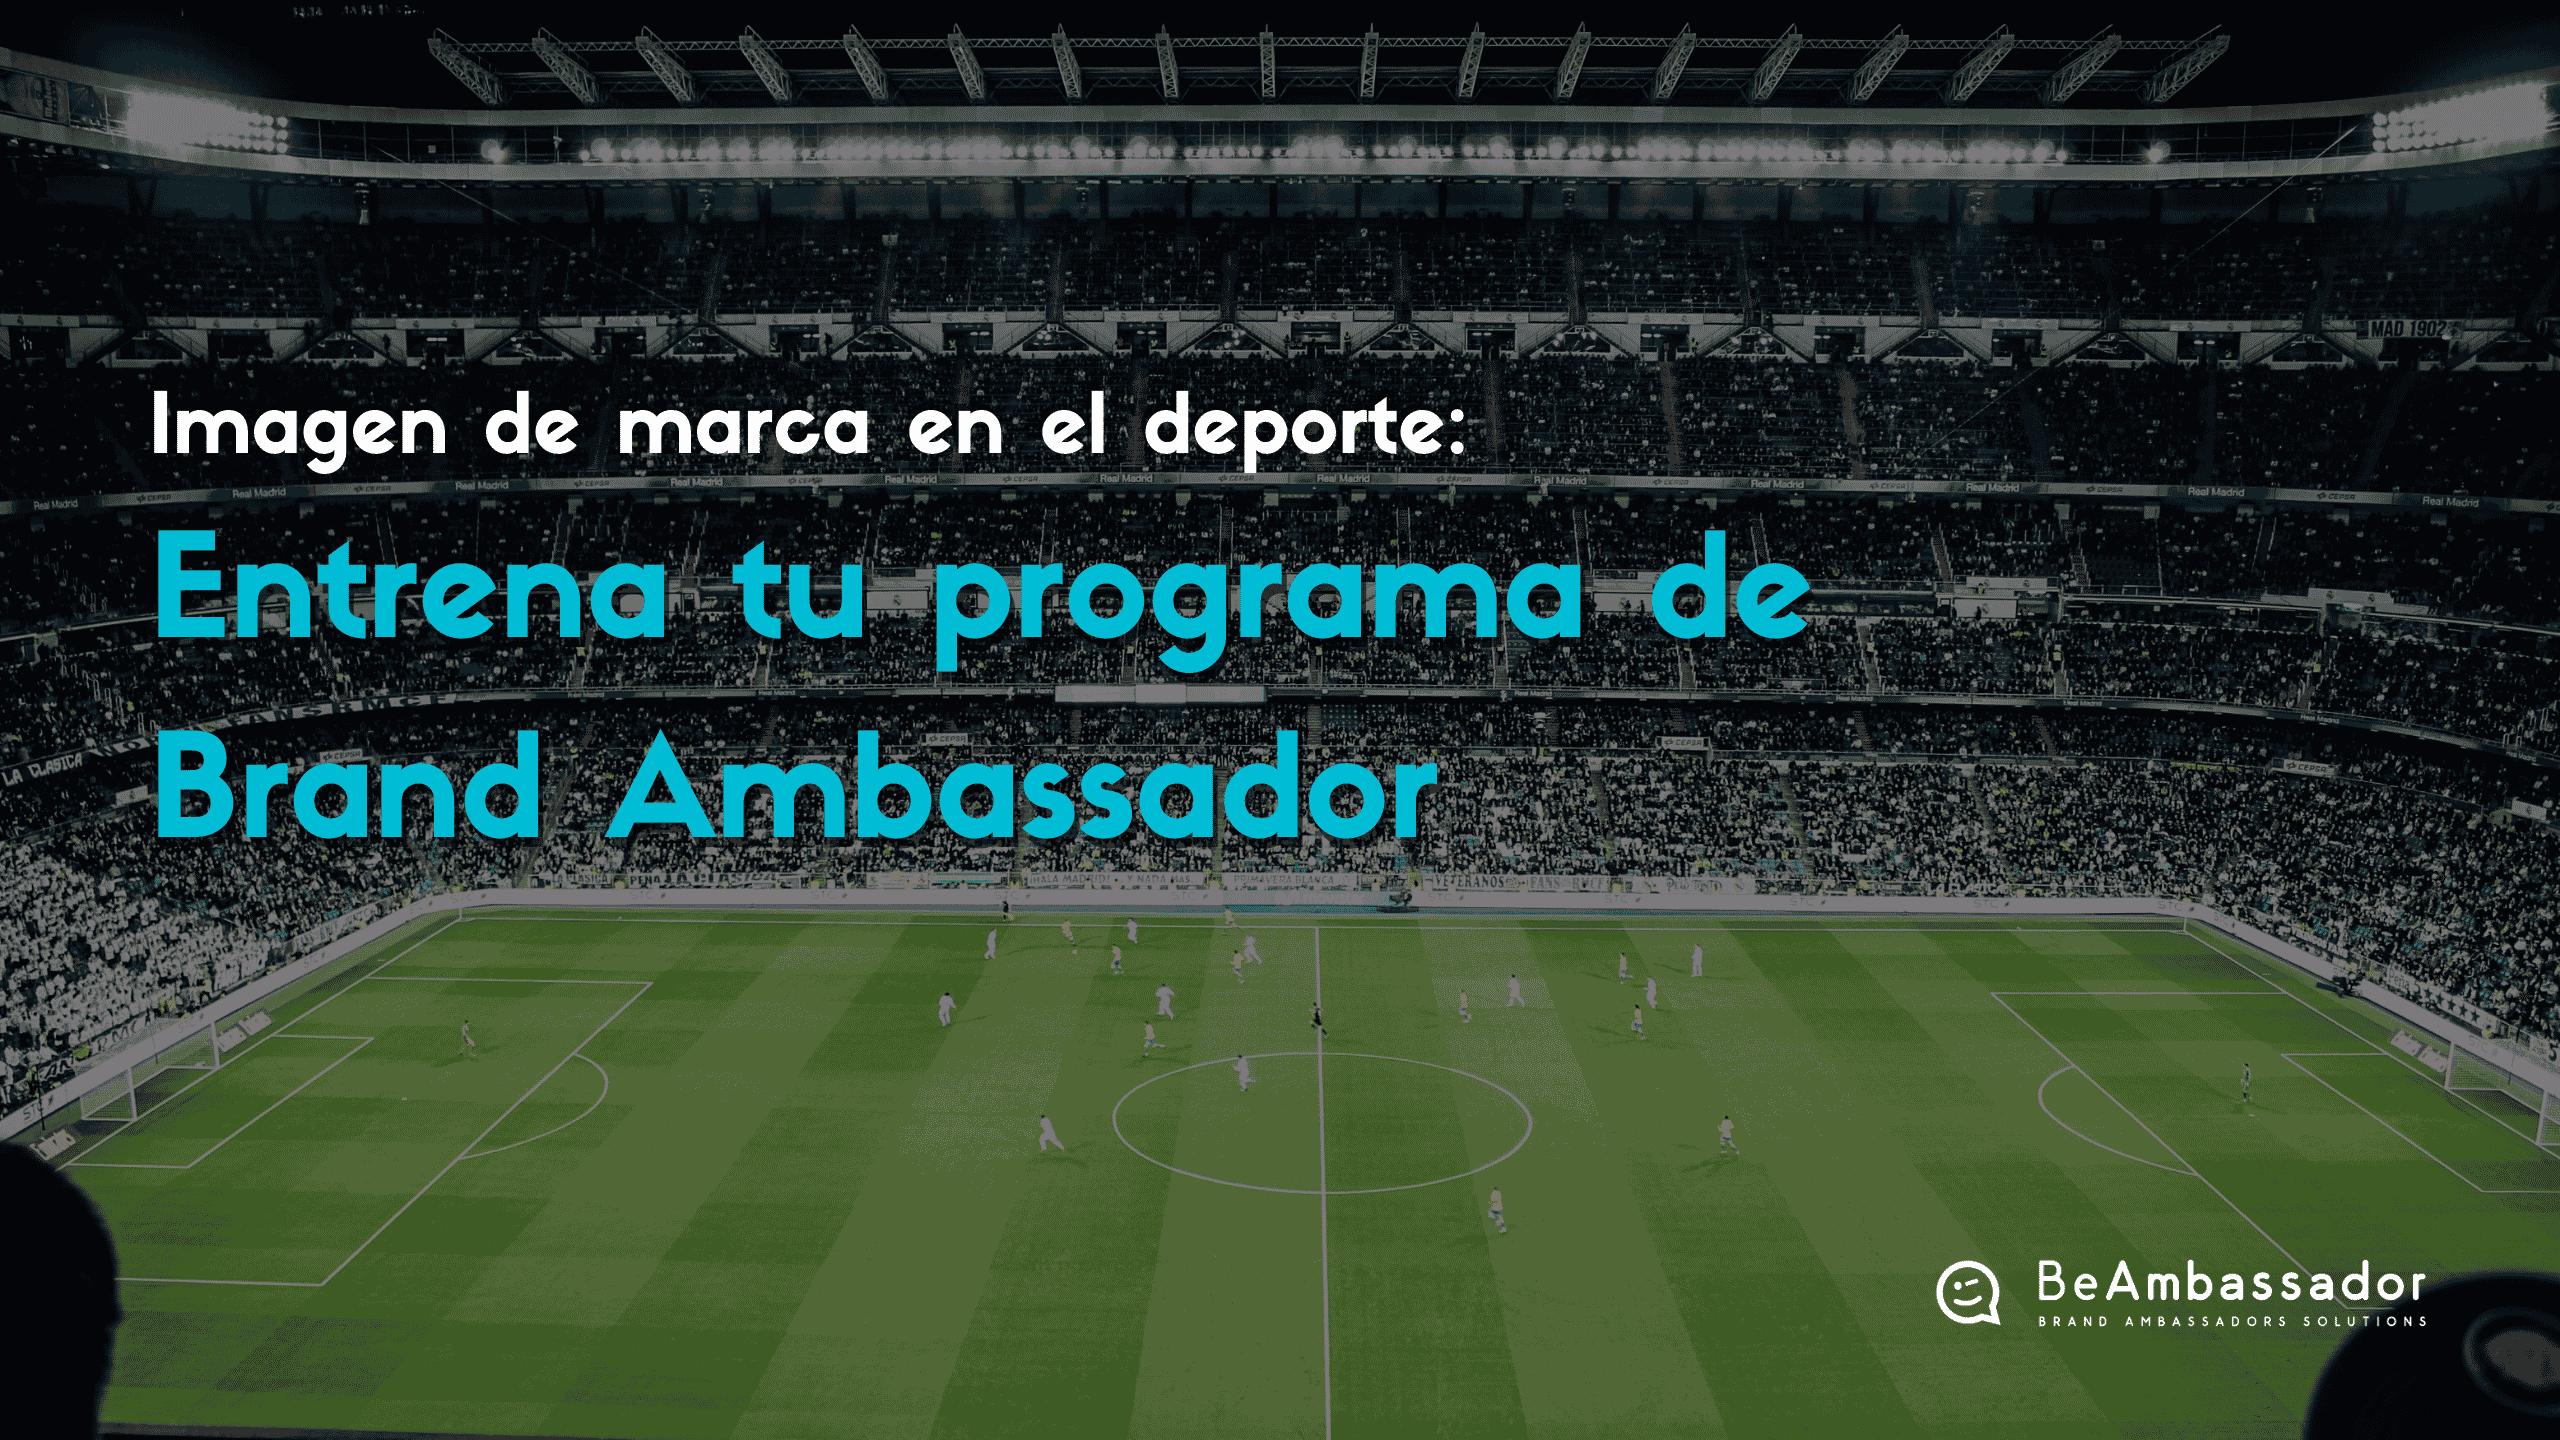 Imagen de Marca en el Deporte - Employee Branding BeAmbassador